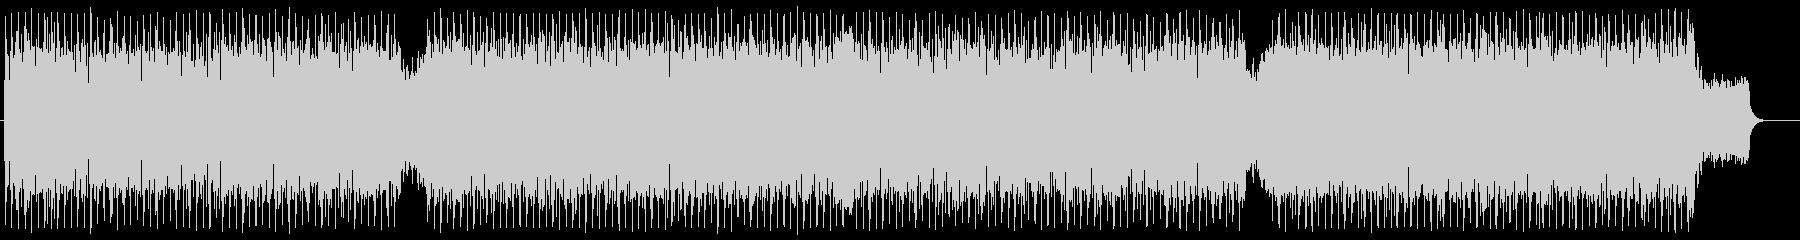 テクノロジー エレクトロ ブリーフィングの未再生の波形